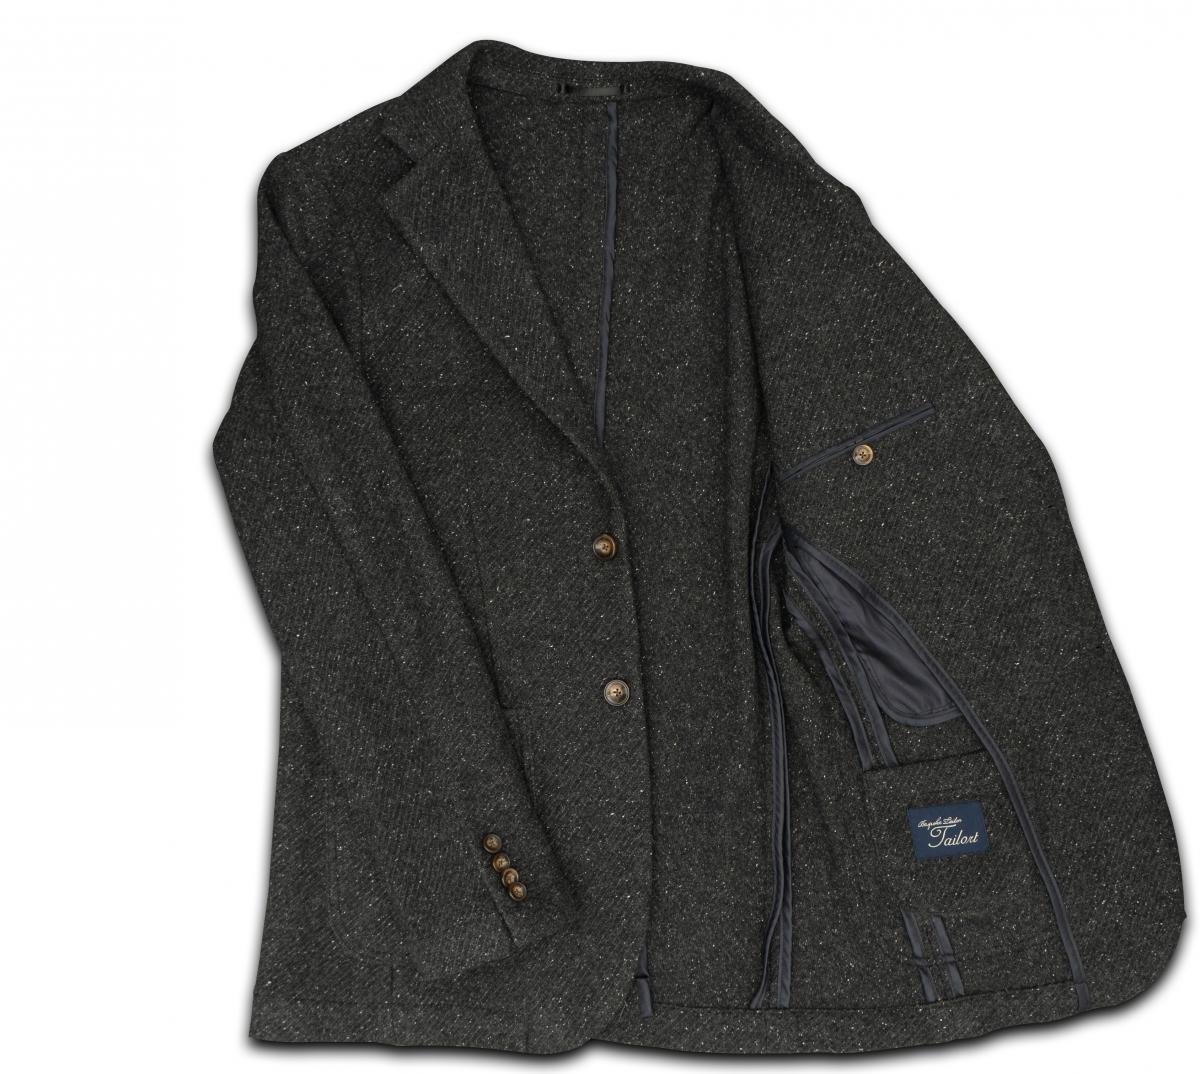 [カジュアルジャケット]暖かい風合いが魅力、この一着があれば冬も安心